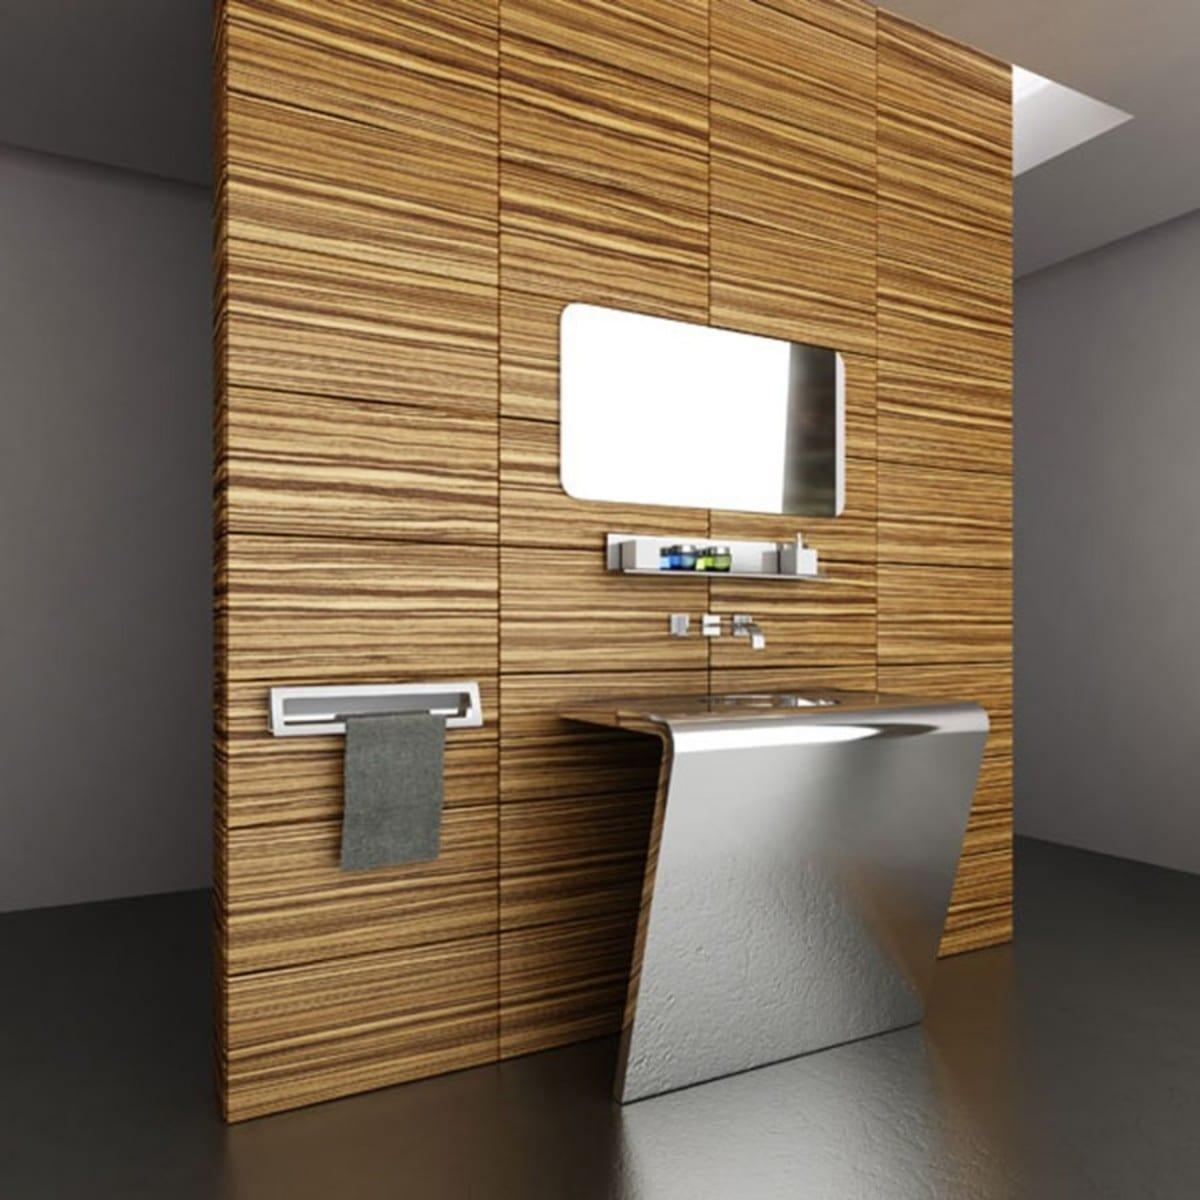 kleines badezimmer einrichten mit Wand aus Bambus und Metall-Waschtisch